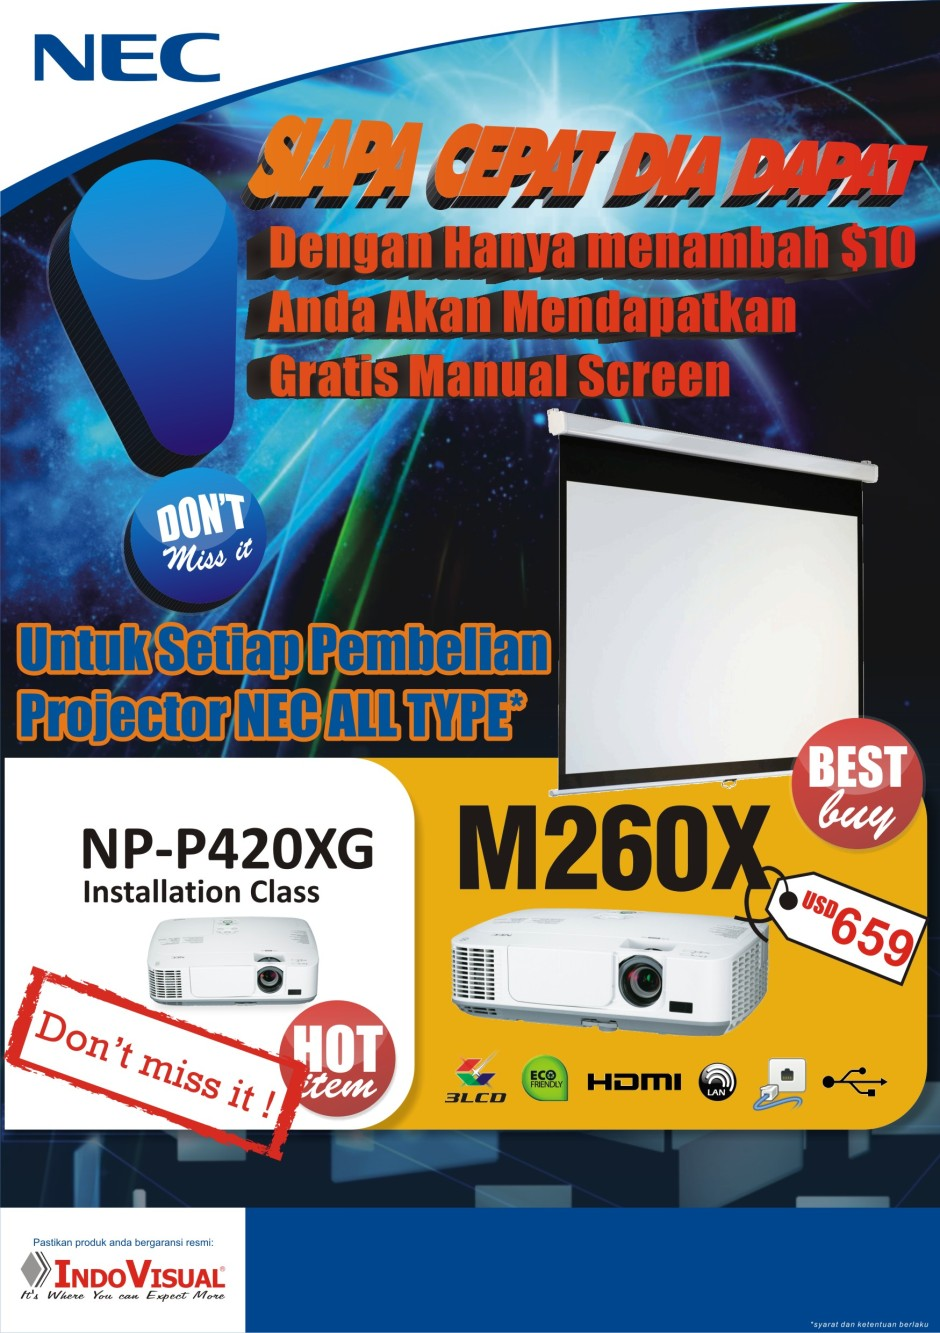 Gratis Screen untuk Pembelian NEC projector